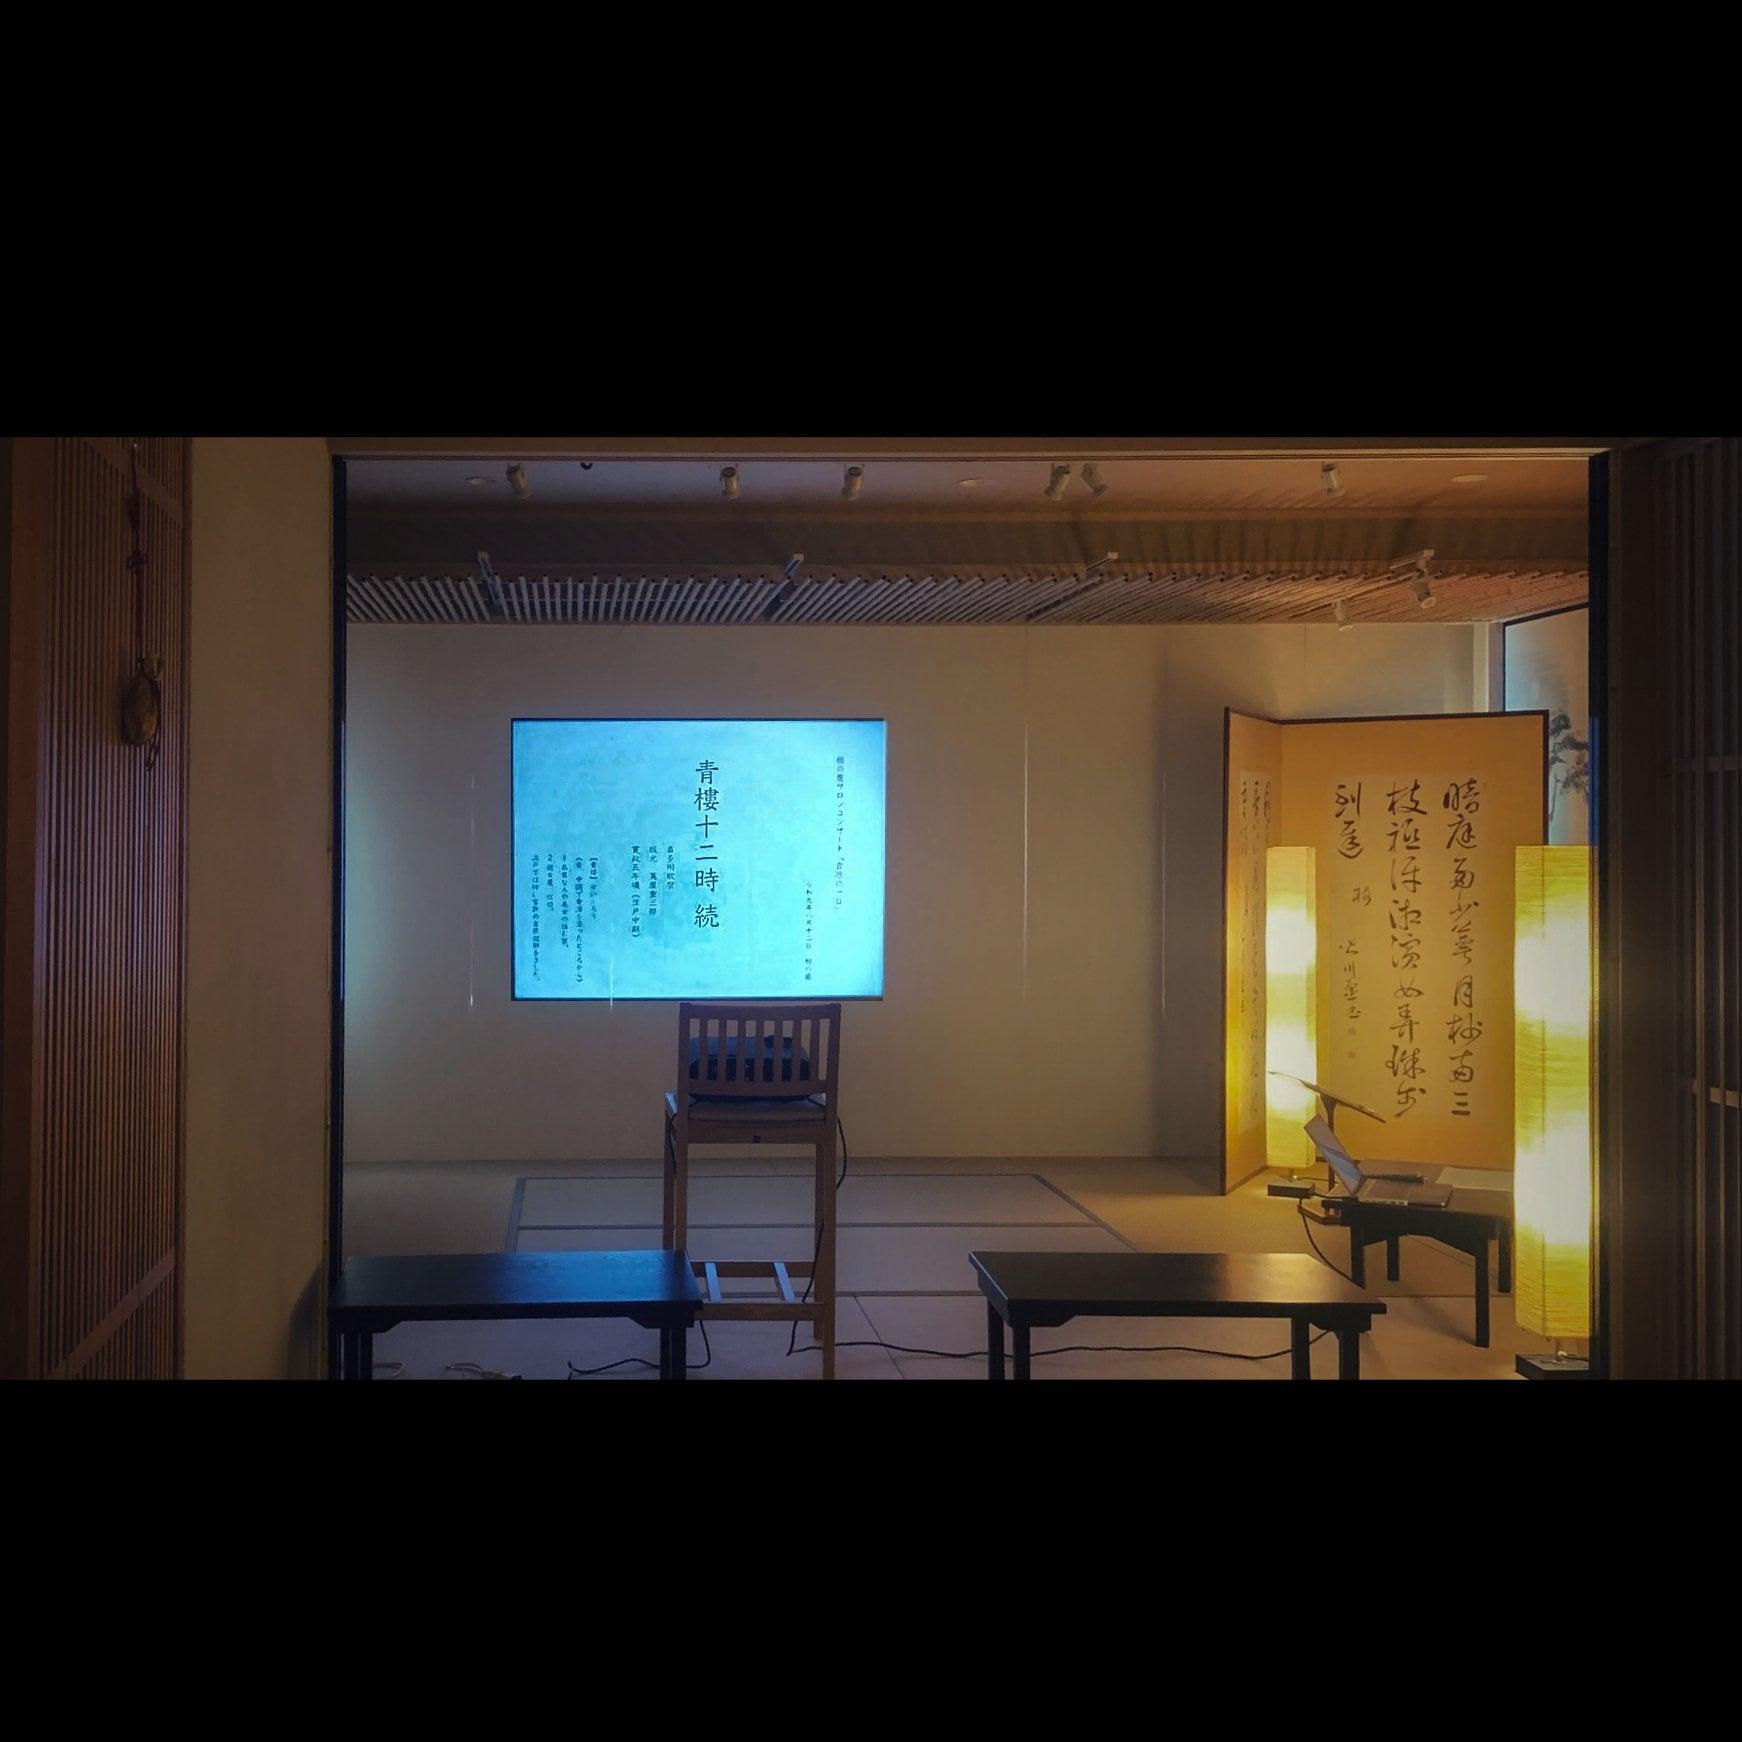 穏の座サロンコンサートvol.16「吉原の一日」のイメージその2